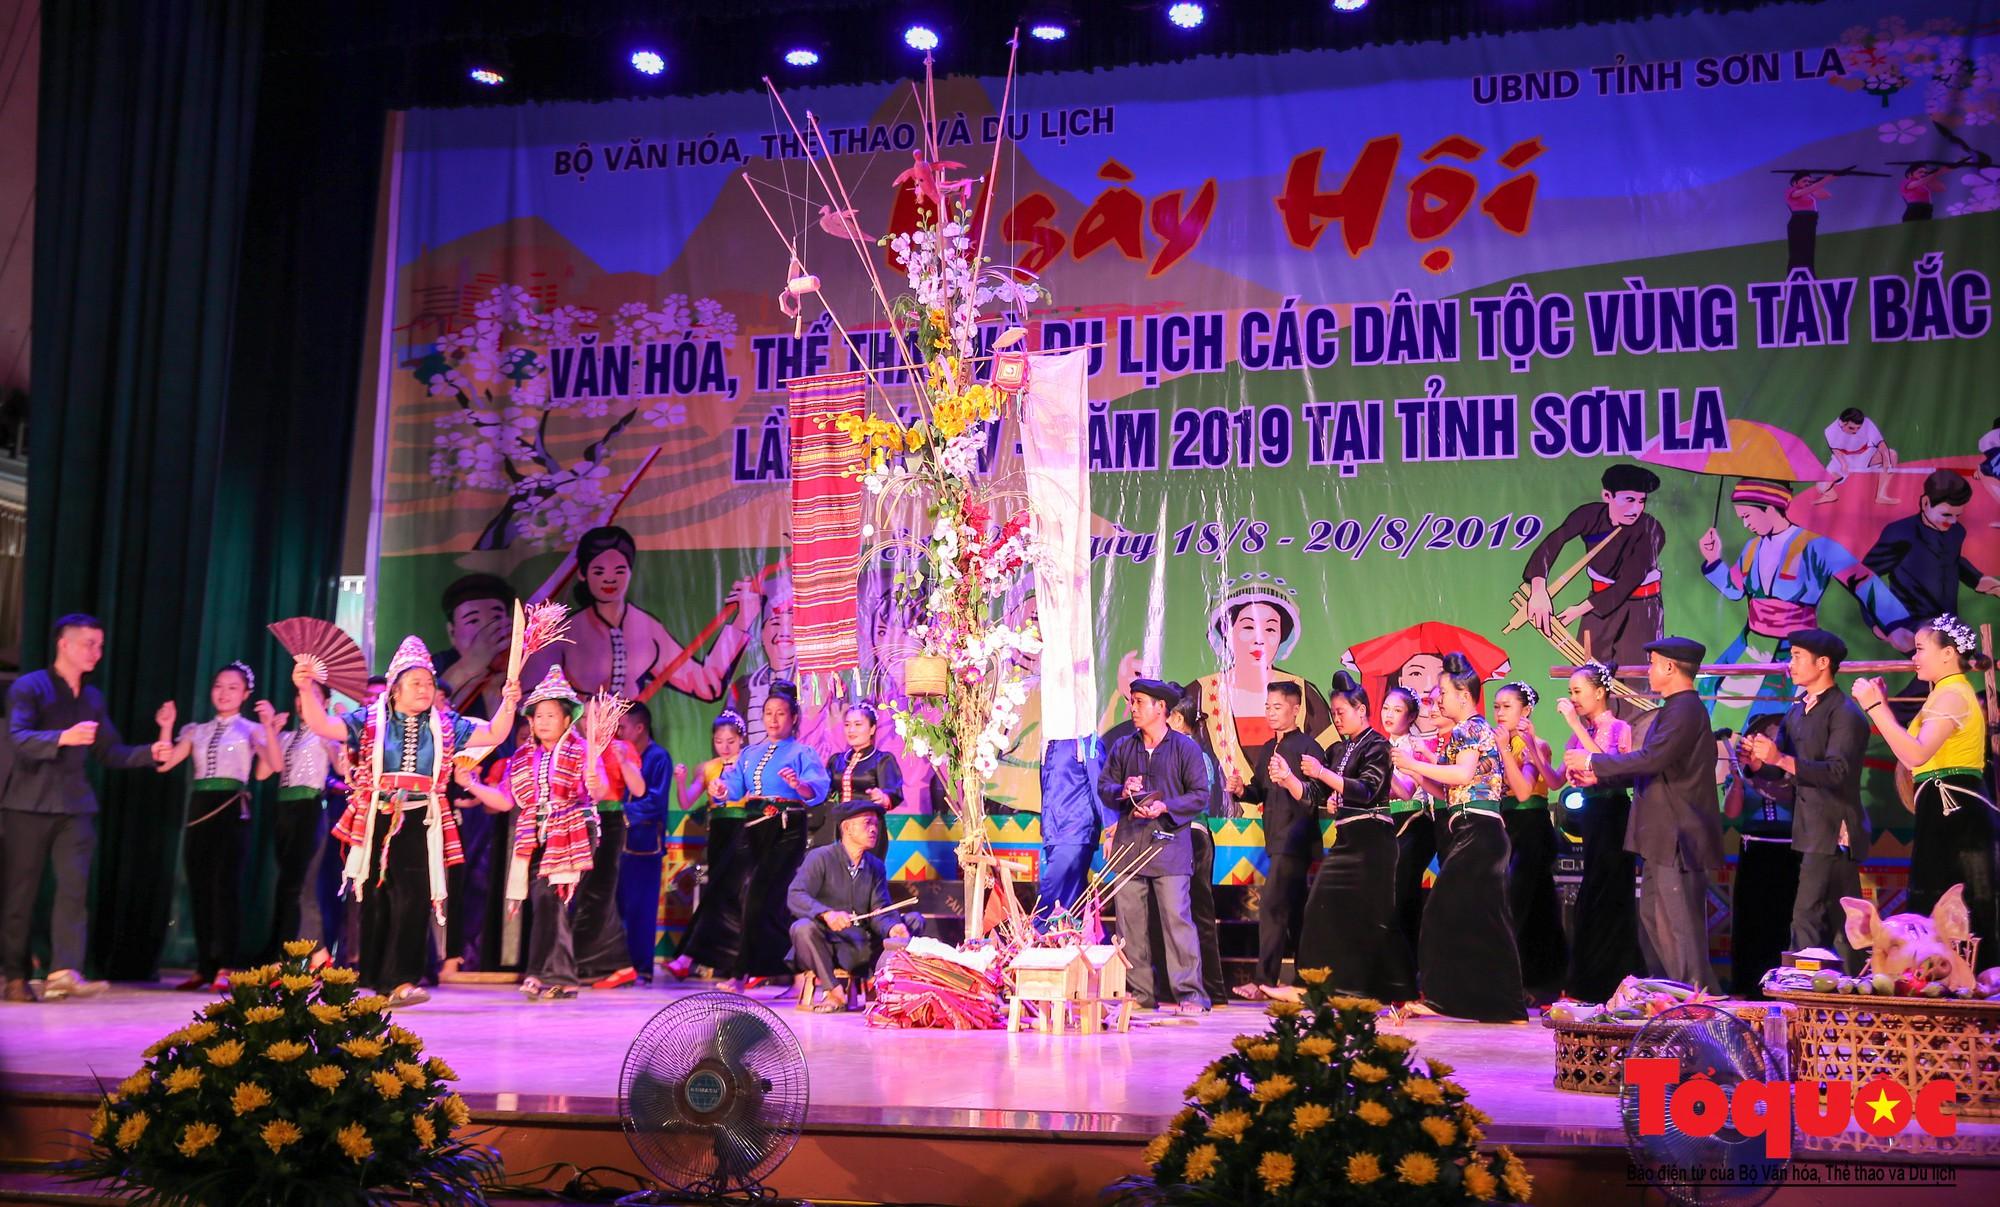 Ấn tượng Liên hoan Nghệ thuật quần chúng các dân tộc Tây Bắc (9)